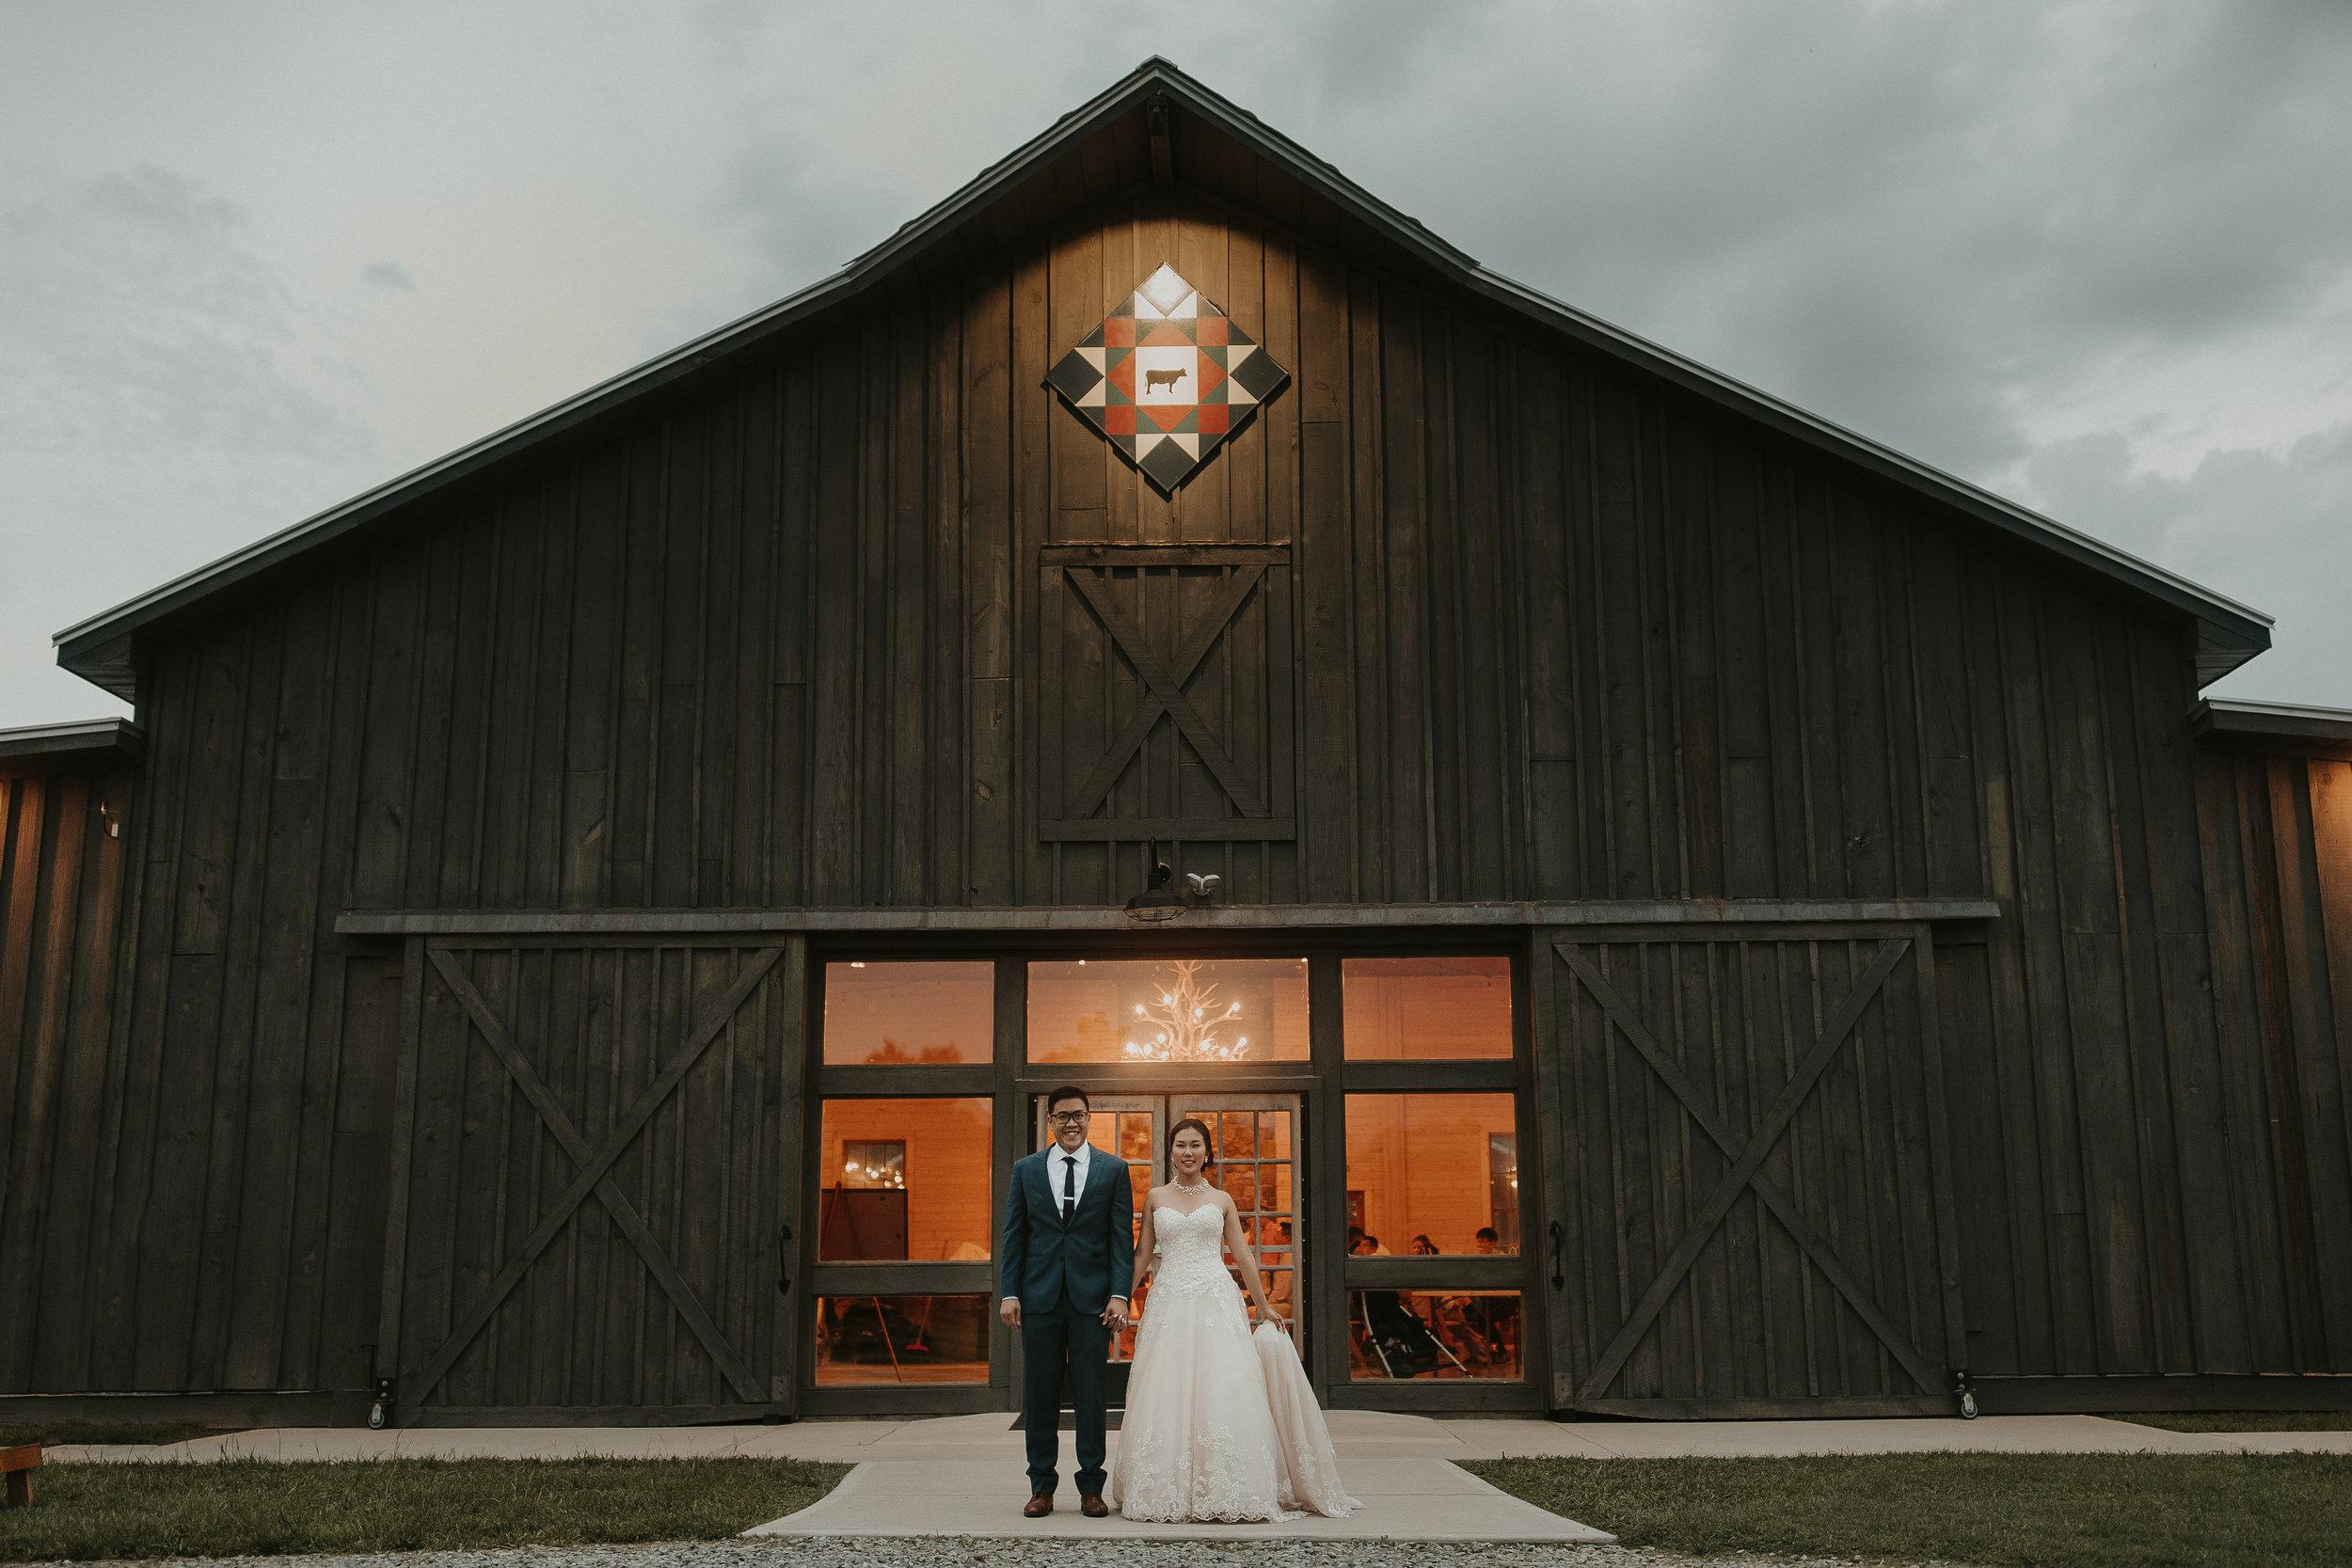 NC wedding - Chiong-717.jpg